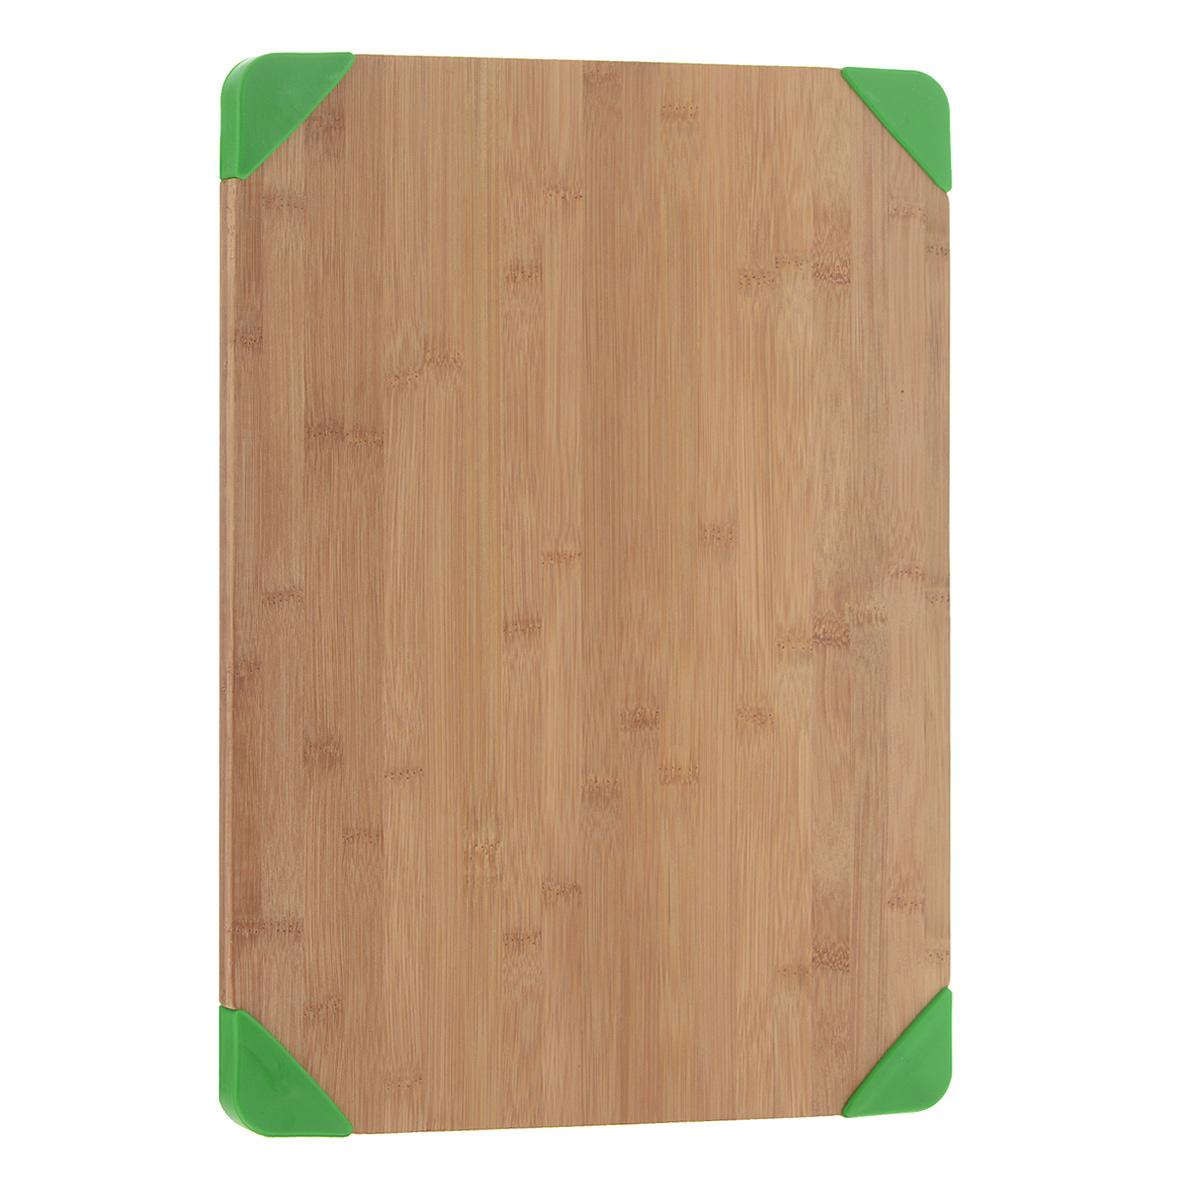 """Разделочная доска """"Oriental Way"""" изготовлена из высококачественного бамбука. Уголки доски оснащены   резиновыми вставками зеленого цвета, которые обеспечивают устойчивость.  Благодаря качественному природному материалу - древесине бамбука, доска обладает высокими гигиеничными   свойствами, не впитывает влагу и запахи, имеет долгий срок службы и высокую износоустойчивость.  Стильный дизайн гармонирует с любым интерьером.  Не рекомендуется мыть в посудомоечной машине.        Размер доски: 38 см х 28 см.  Толщина: 1,6 см."""